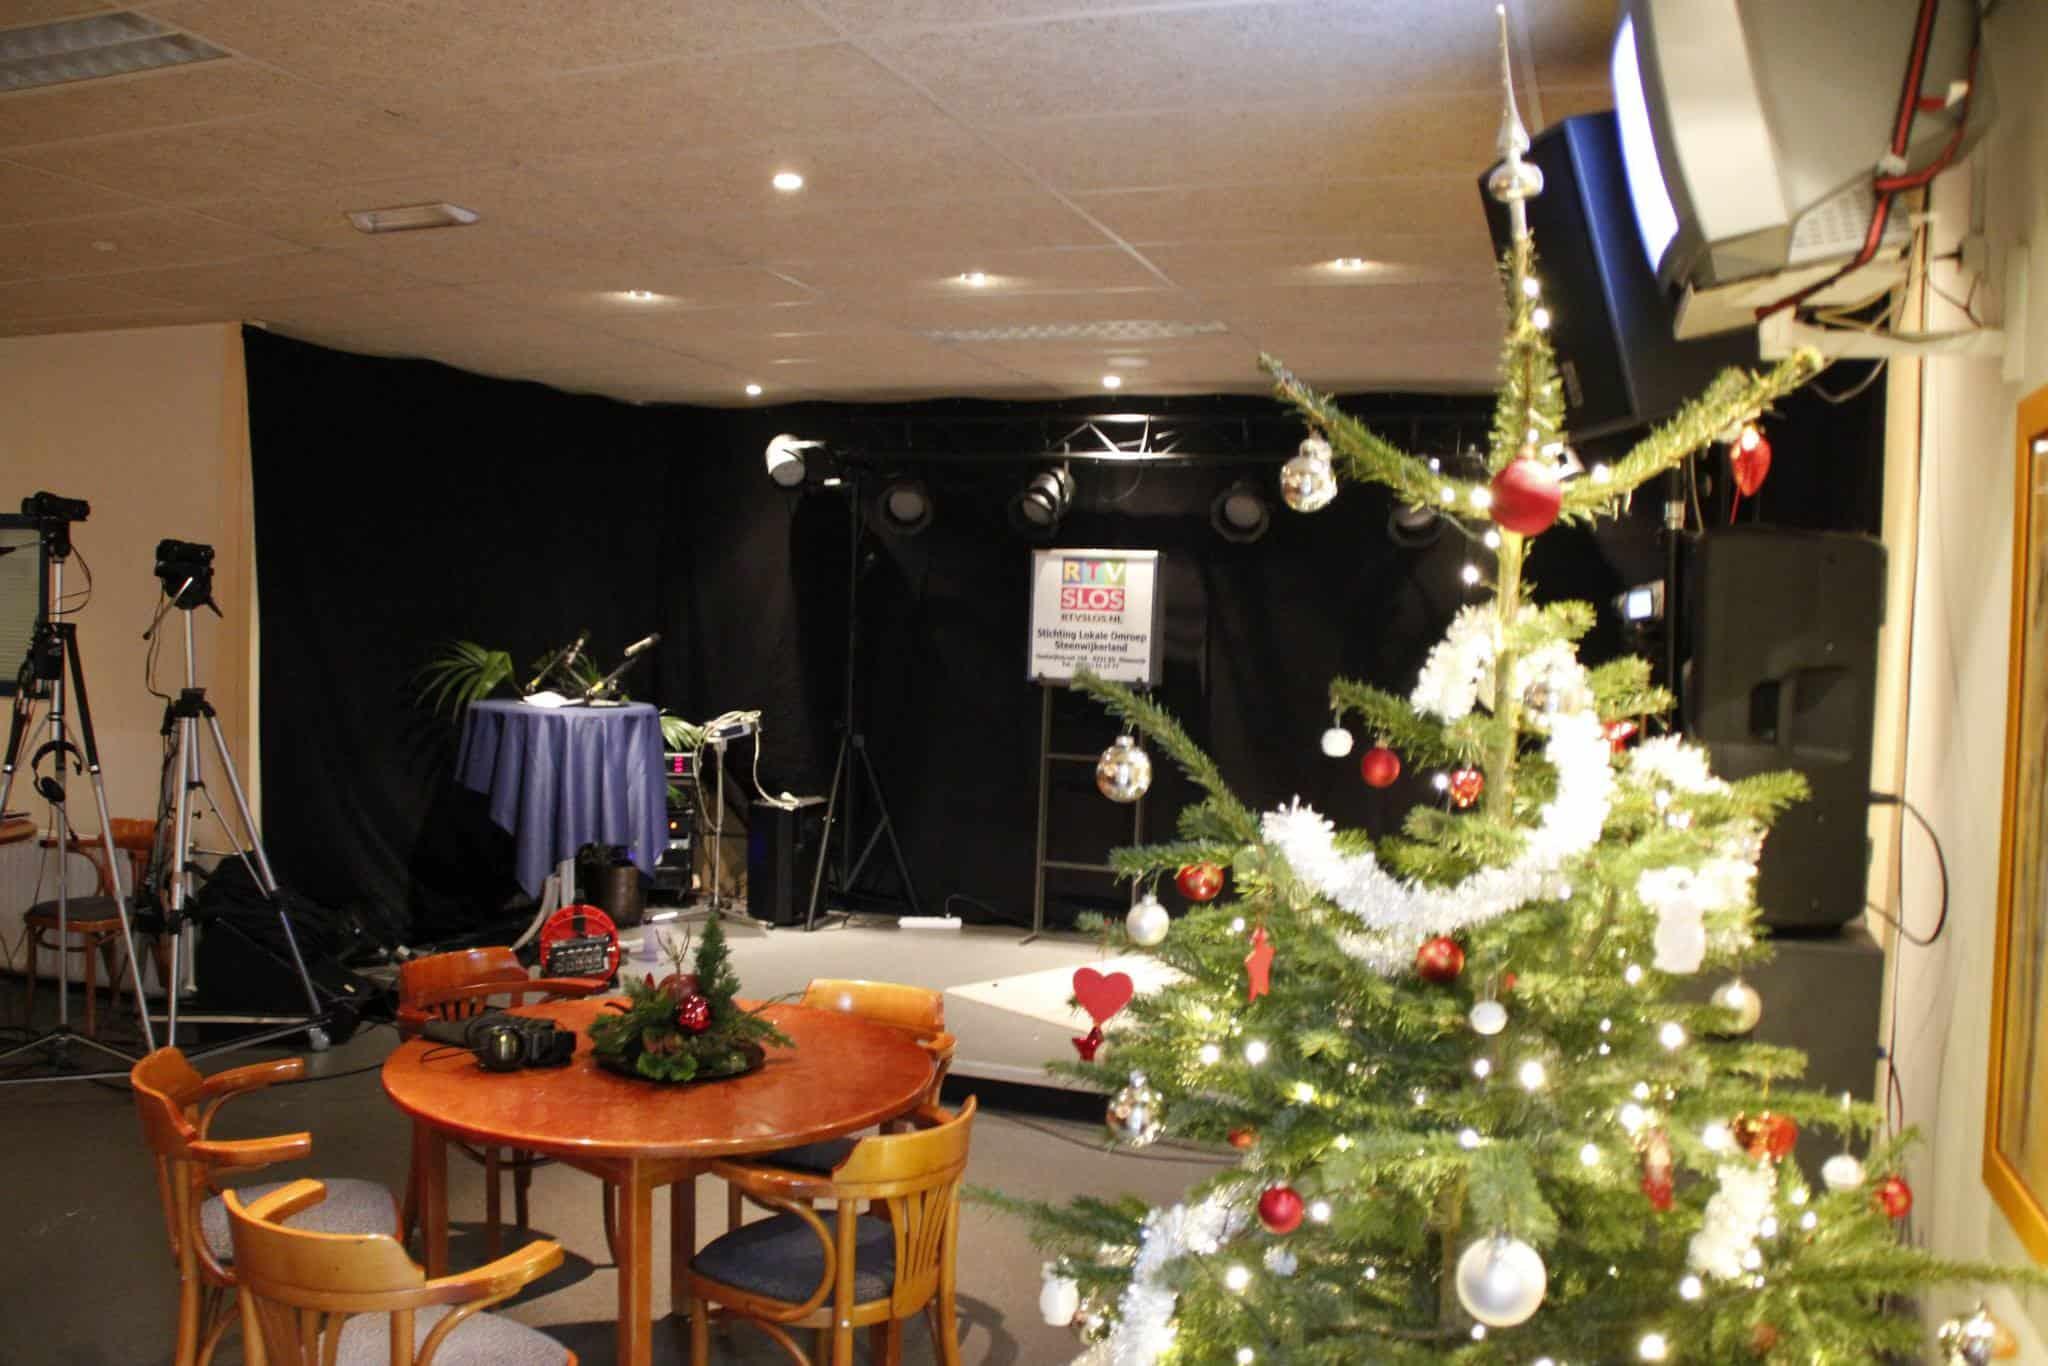 Kerstboom RTV SLOS